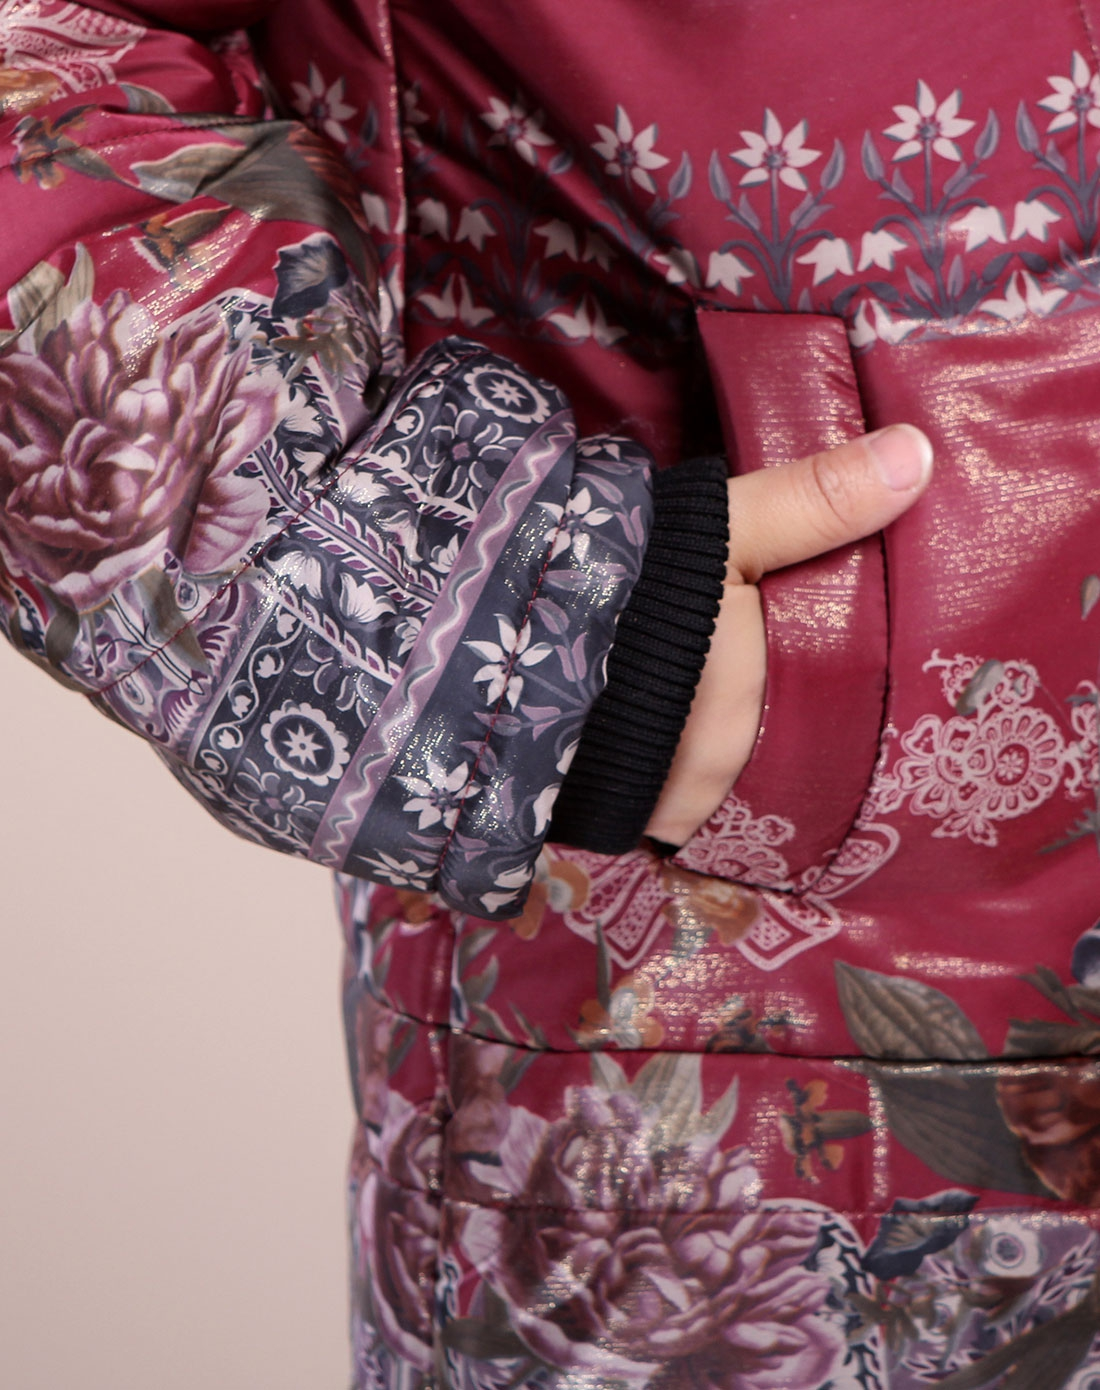 台格紫红色蝴蝶结花纹长袖棉衣3tb39a219963